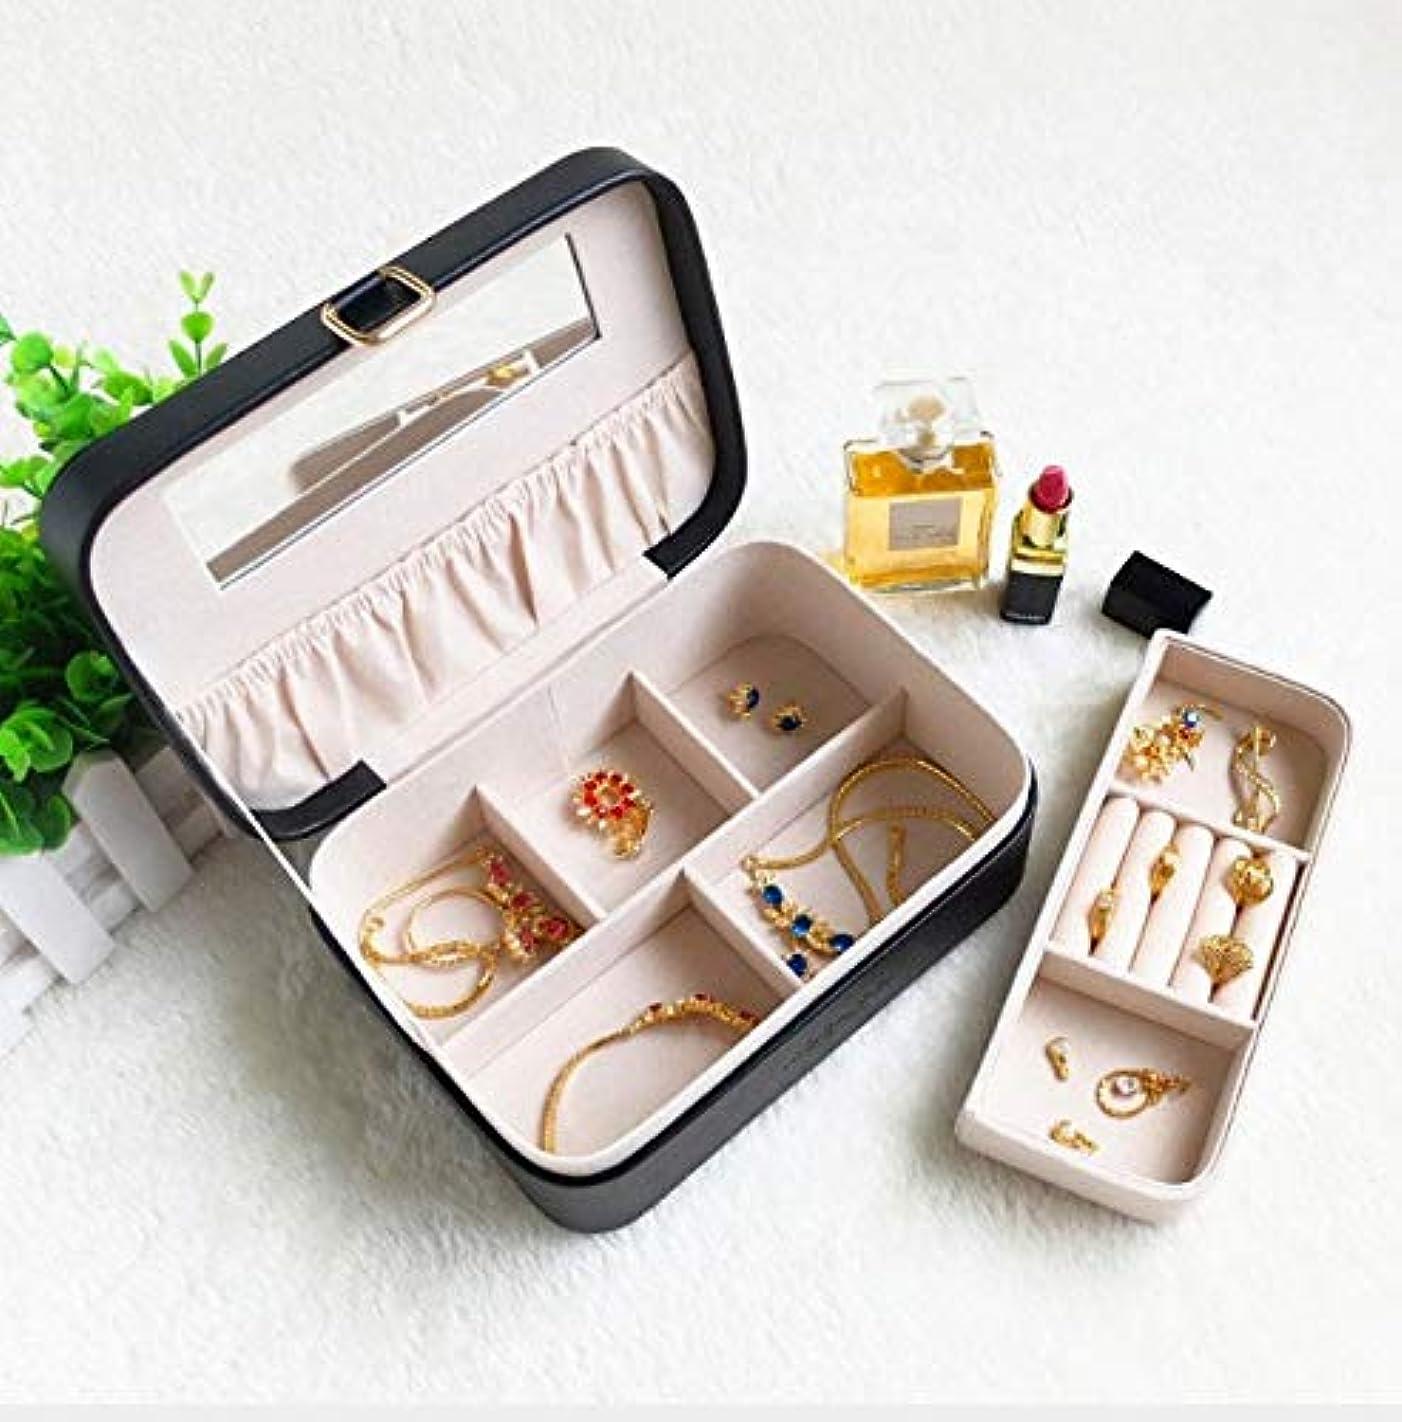 財団バッテリーレッスン化粧箱、レトロ化粧品防水ミラー化粧ケース、ポータブルトラベル化粧品バッグ収納袋、美容ジュエリー収納ボックス (Color : ブラック)